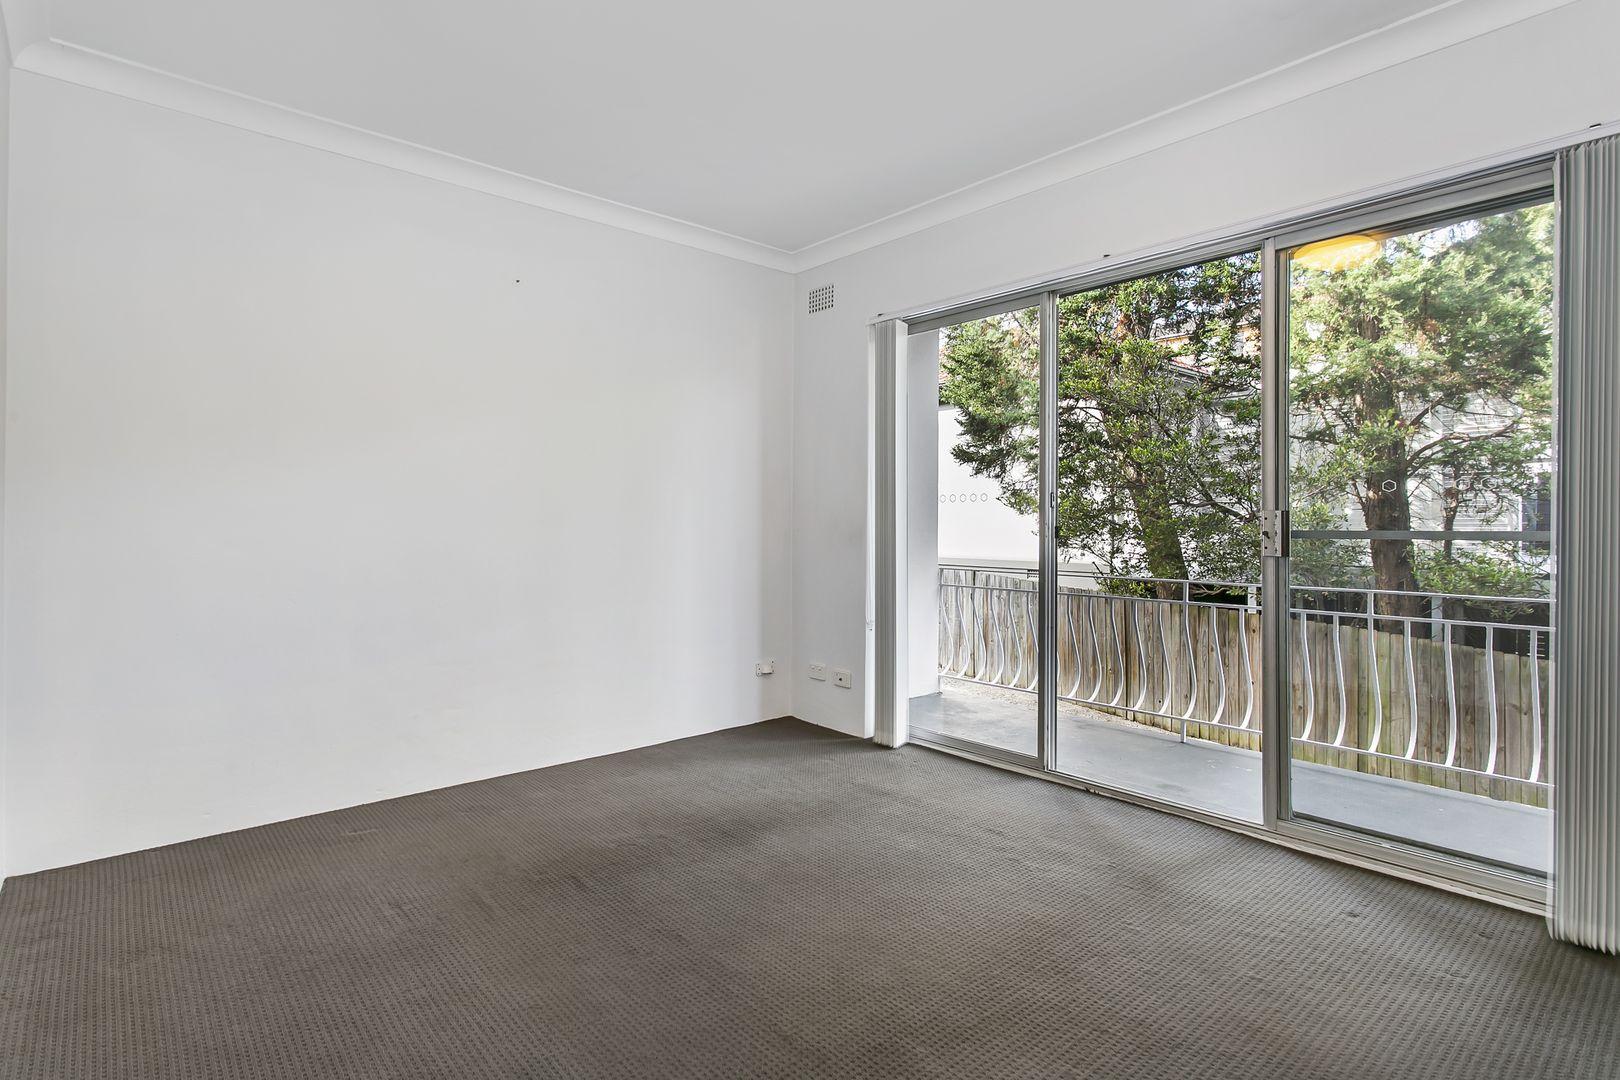 3/16 Wyadra  Avenue, Freshwater NSW 2096, Image 1